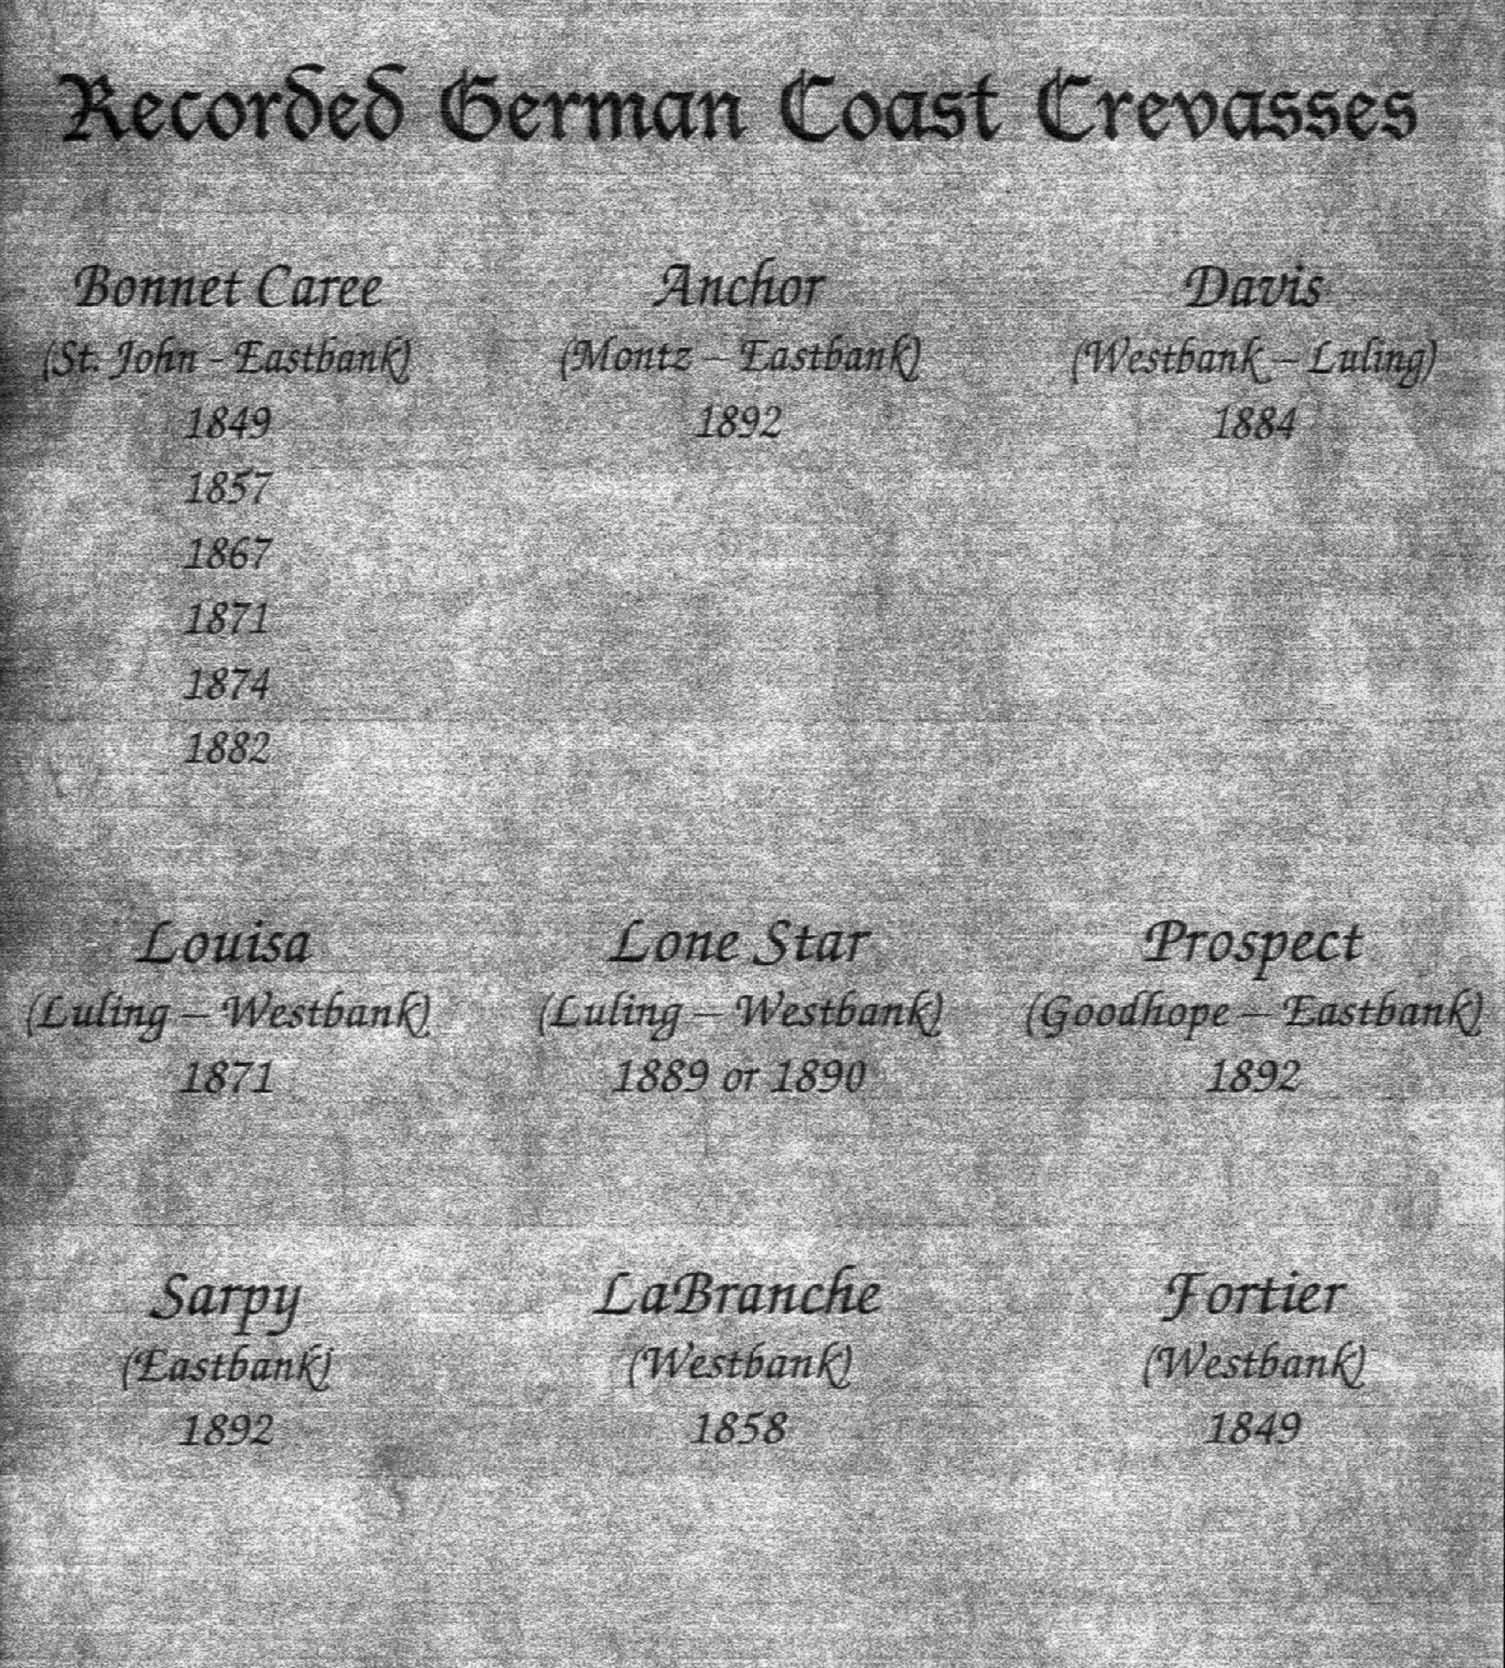 Recorded German Coast Crevasses